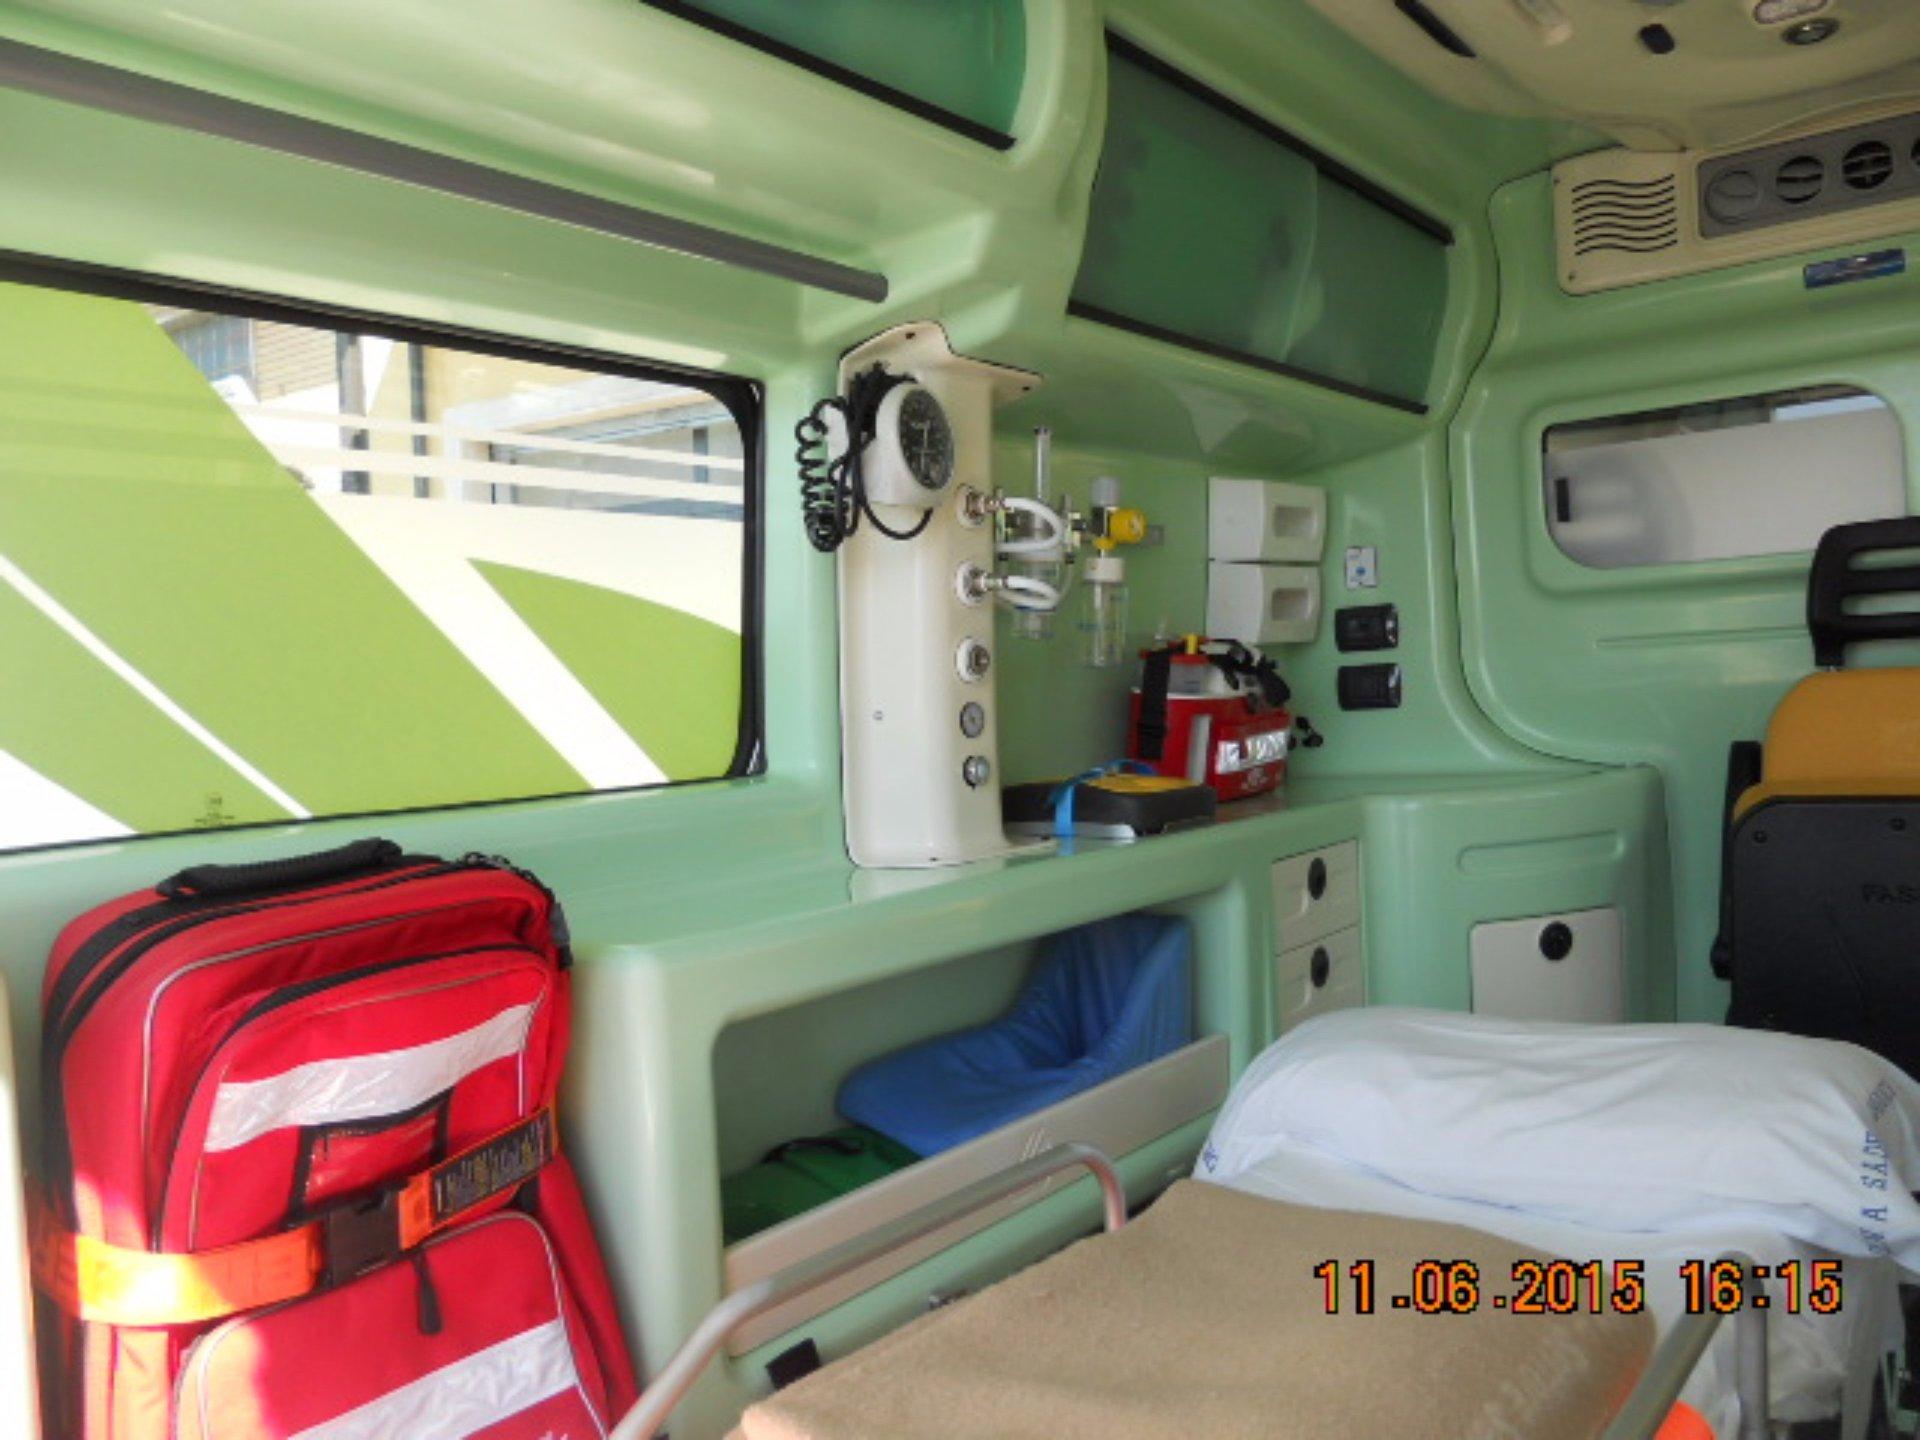 L'ambulanza è completamente attrezzata per ogni emergenza